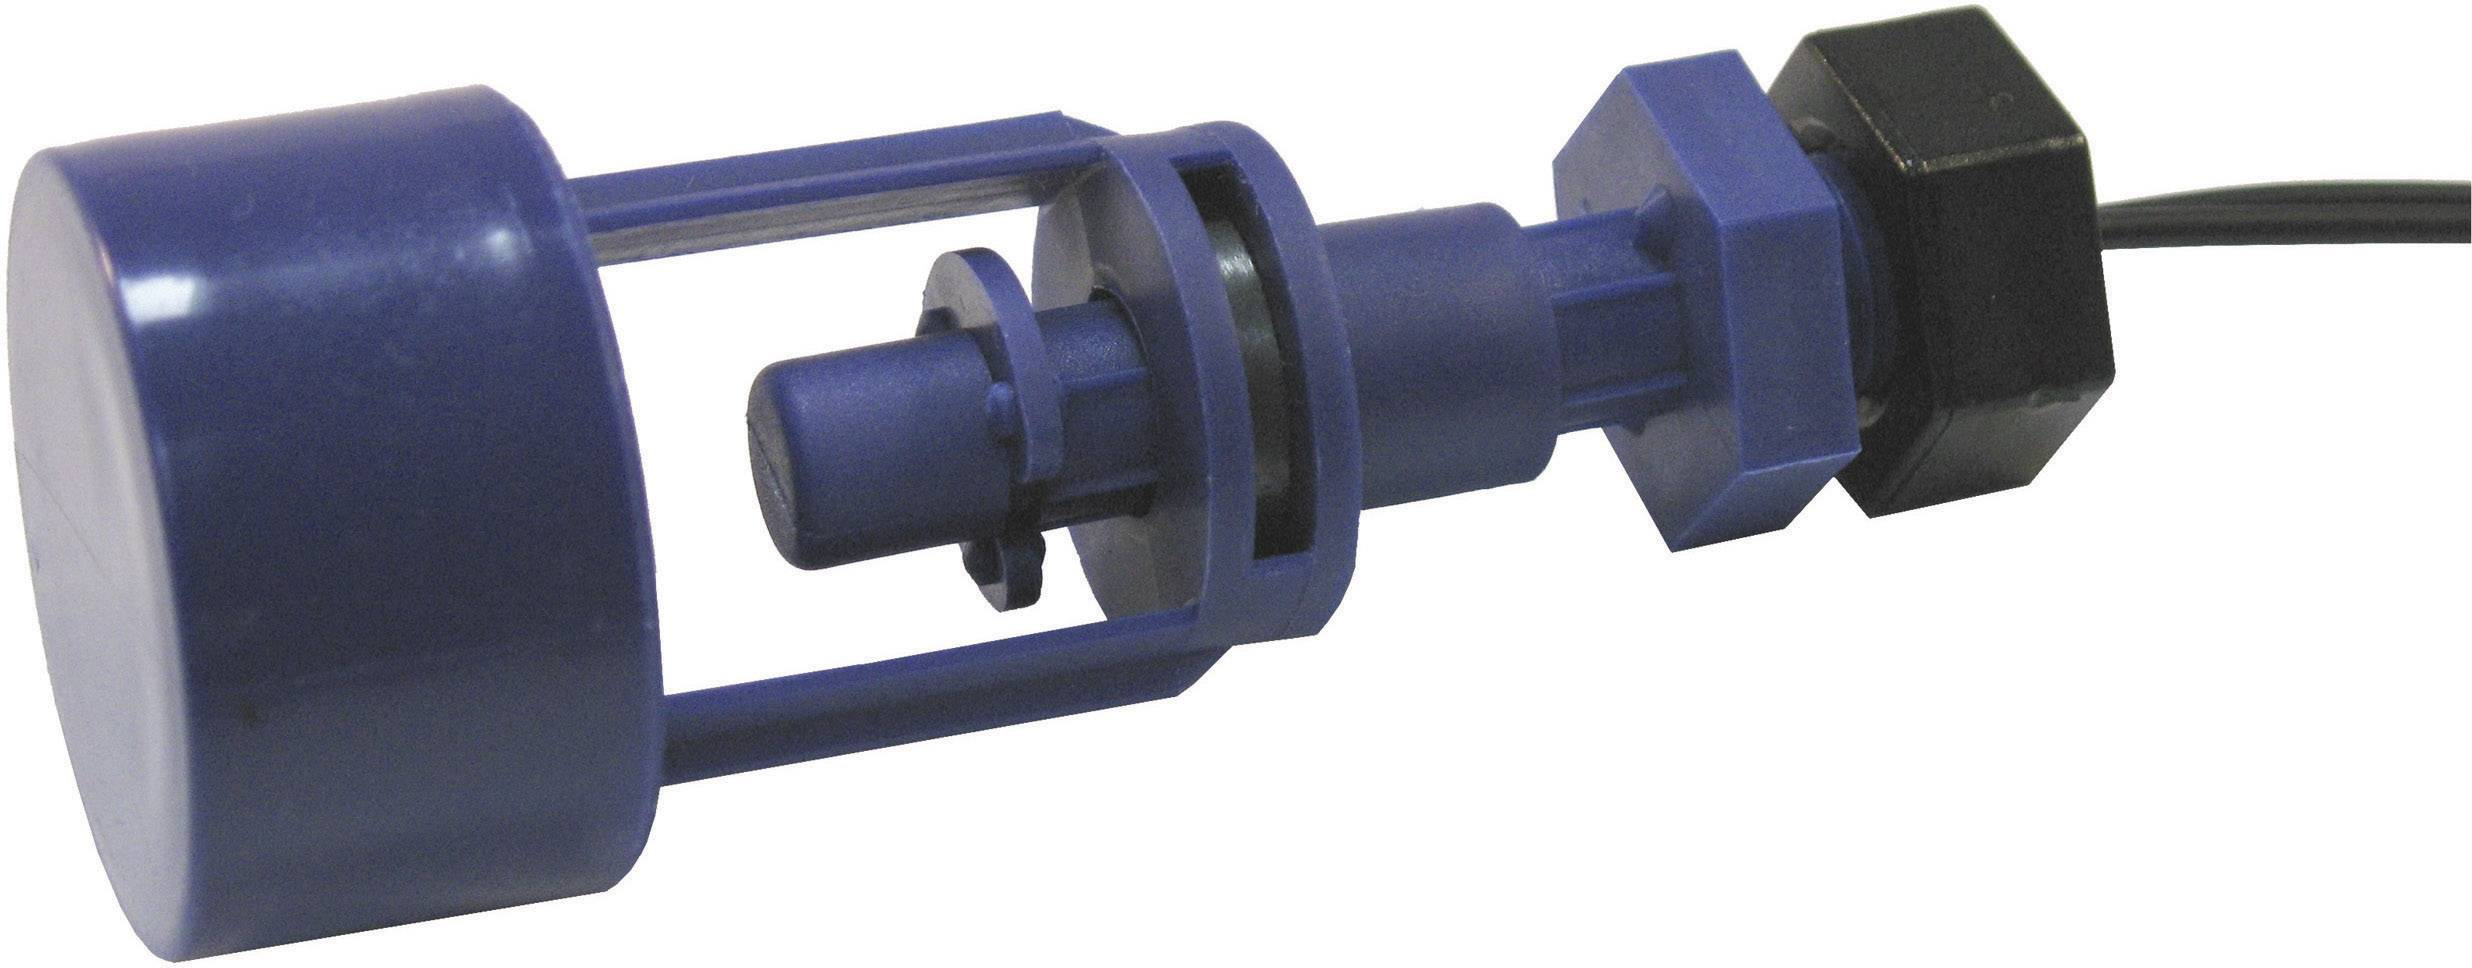 Hladinový spínač Binsack 1086/7-A013, 250 V/AC, 1 A, IP64